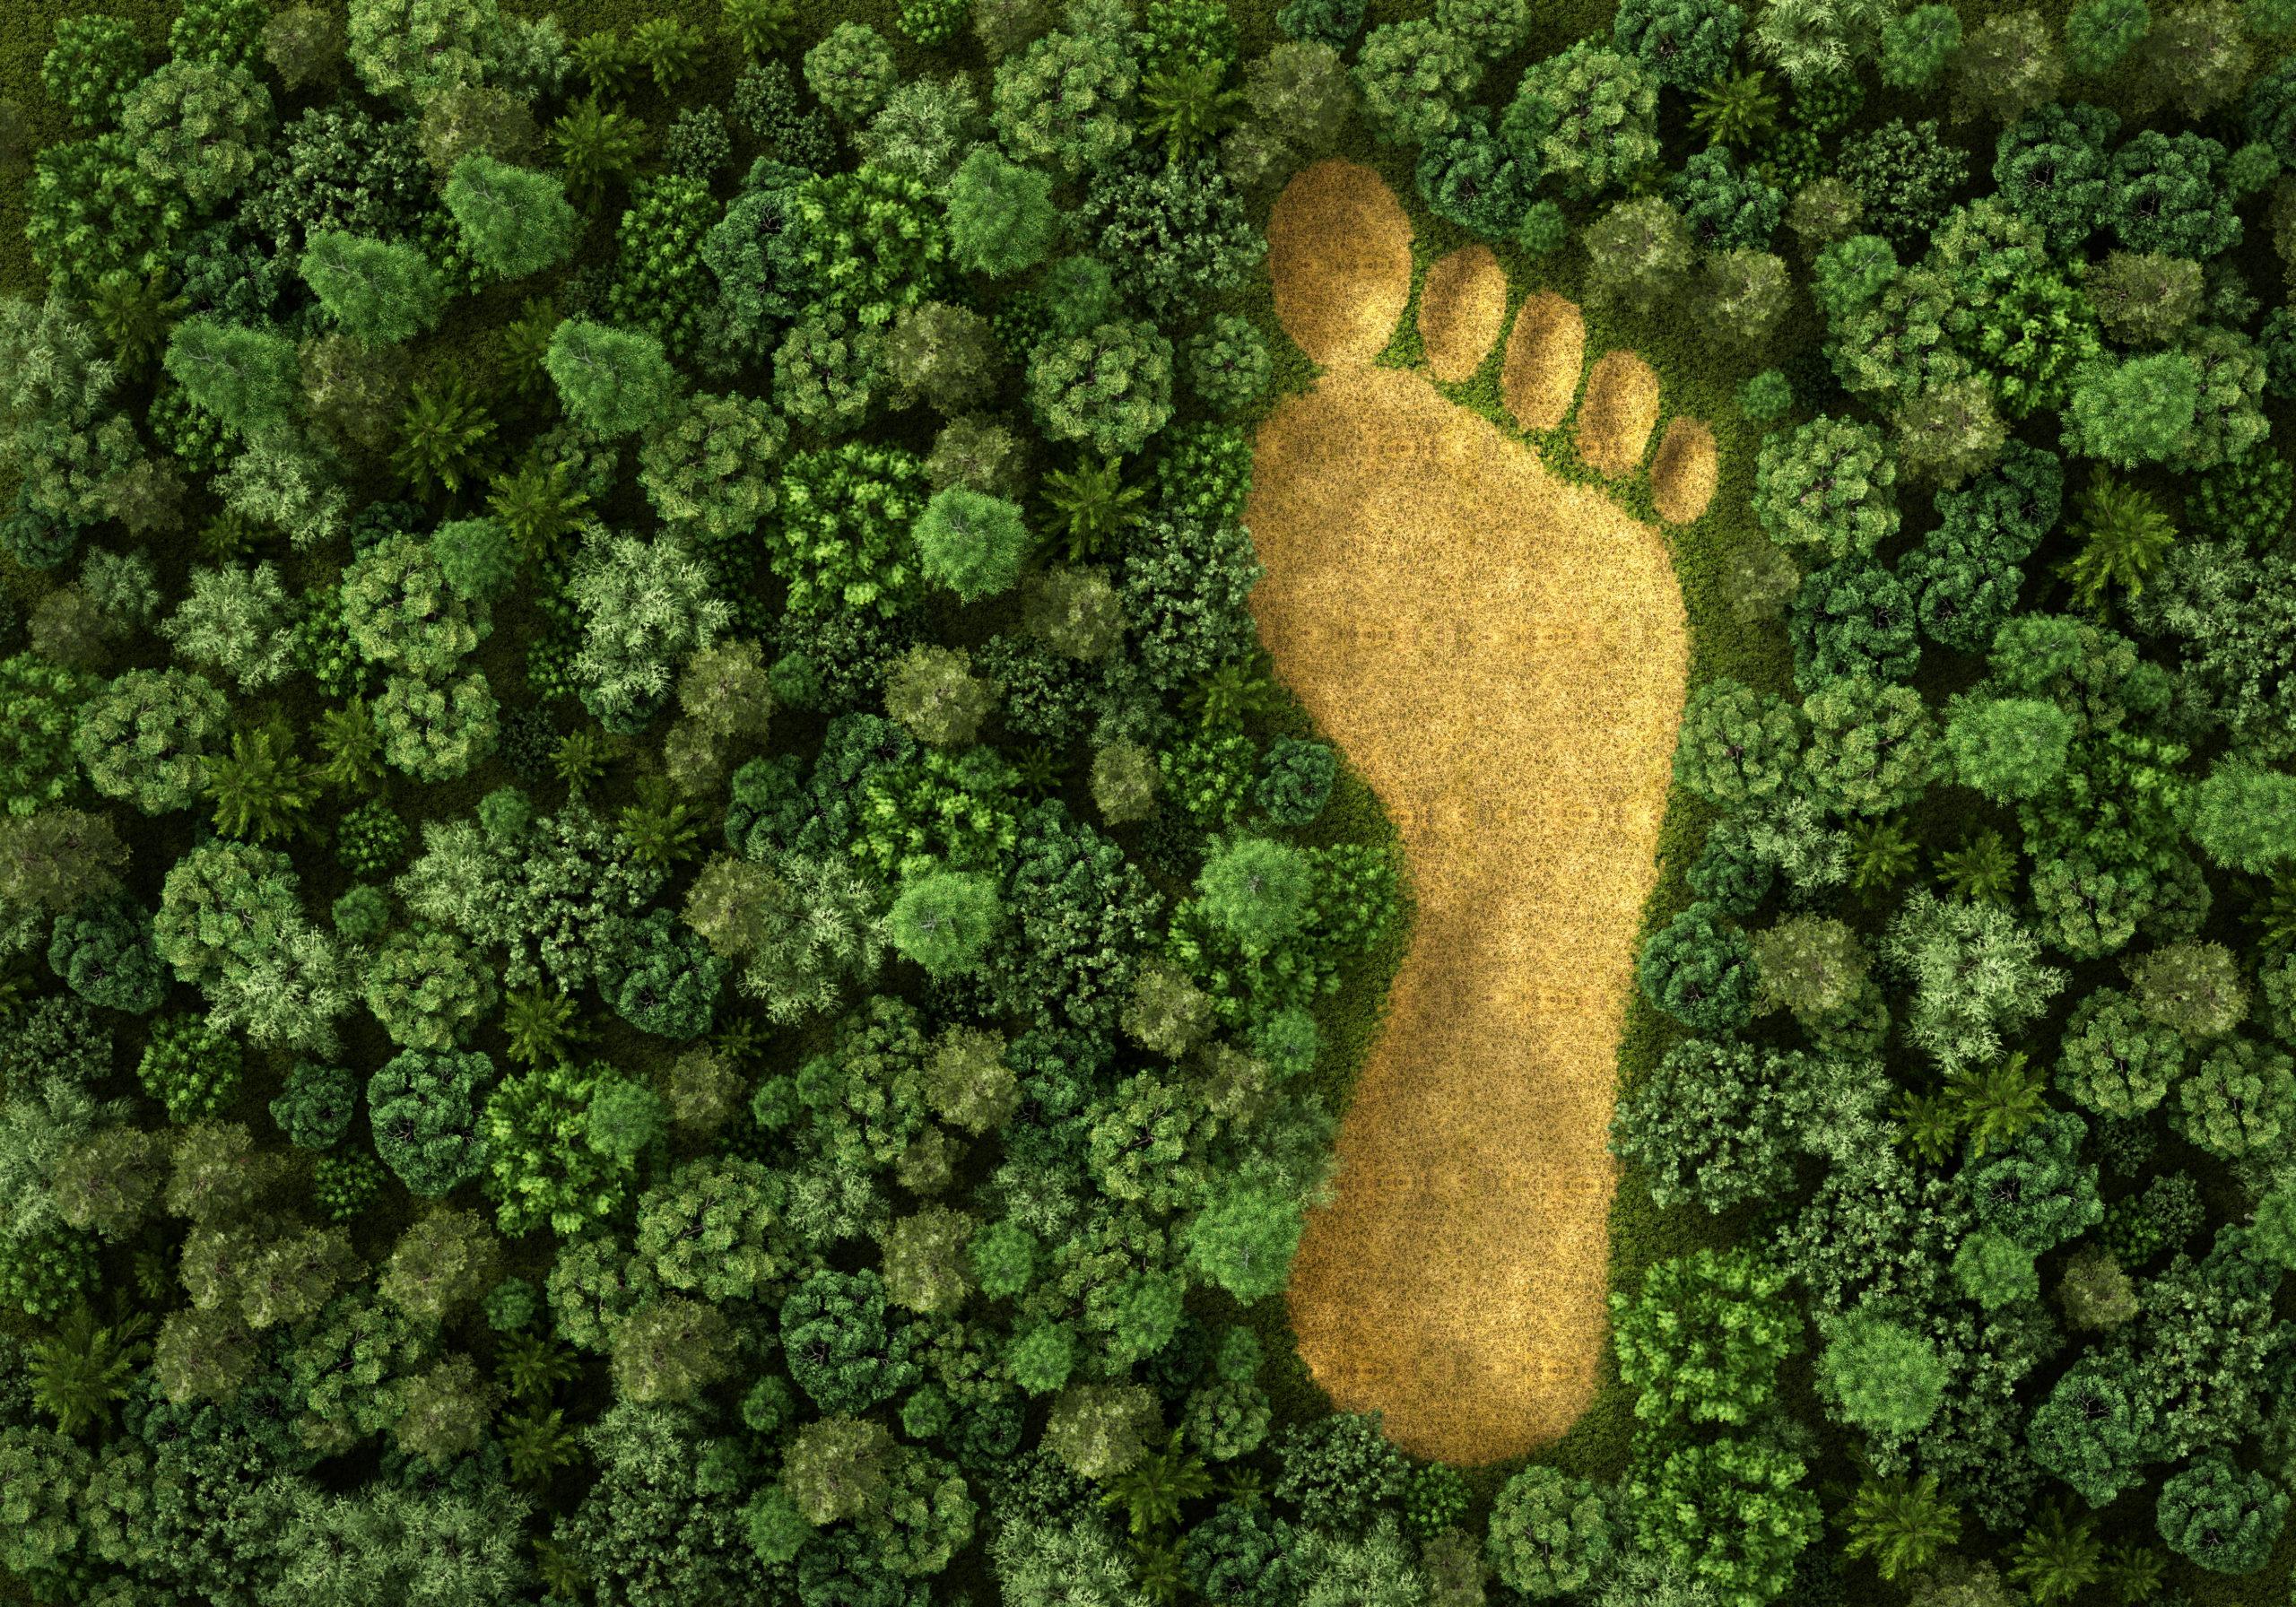 ¿Cómo impactó el 2020 a la naturaleza? Este informe lo revela